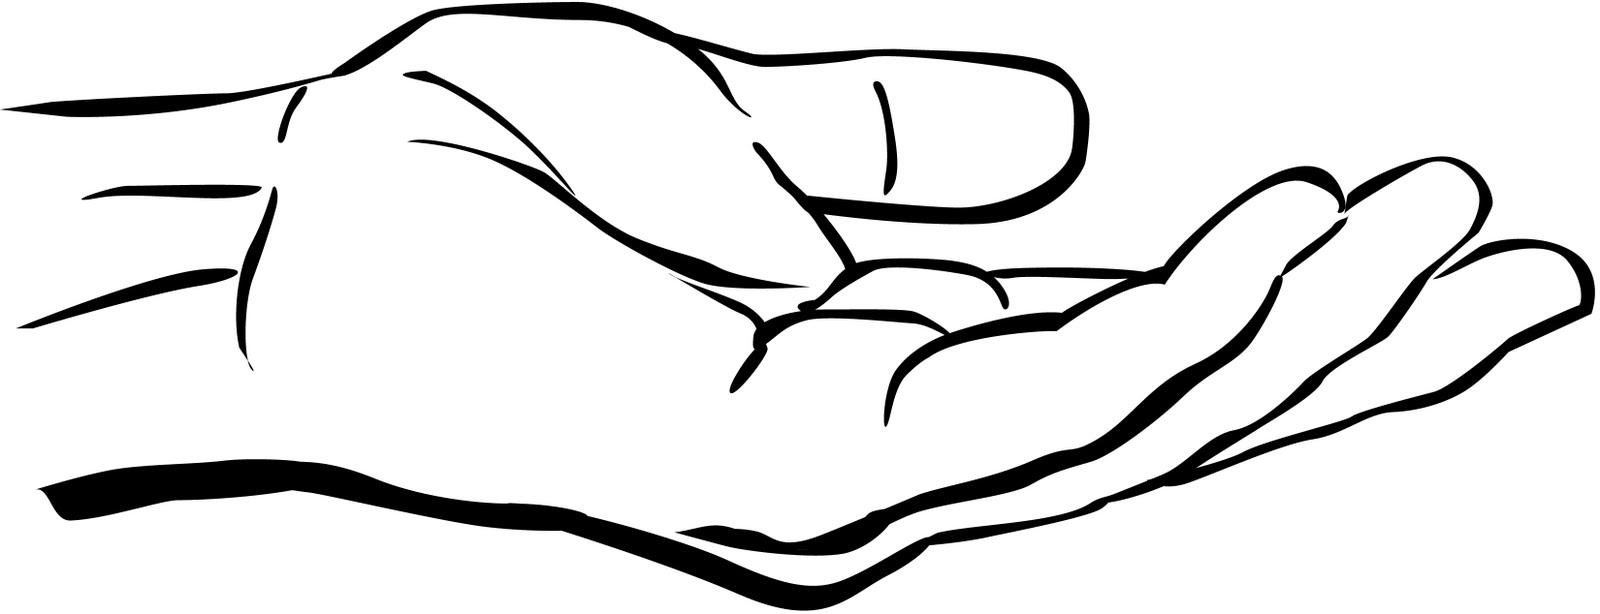 Open Giving Hands PNG - 135016